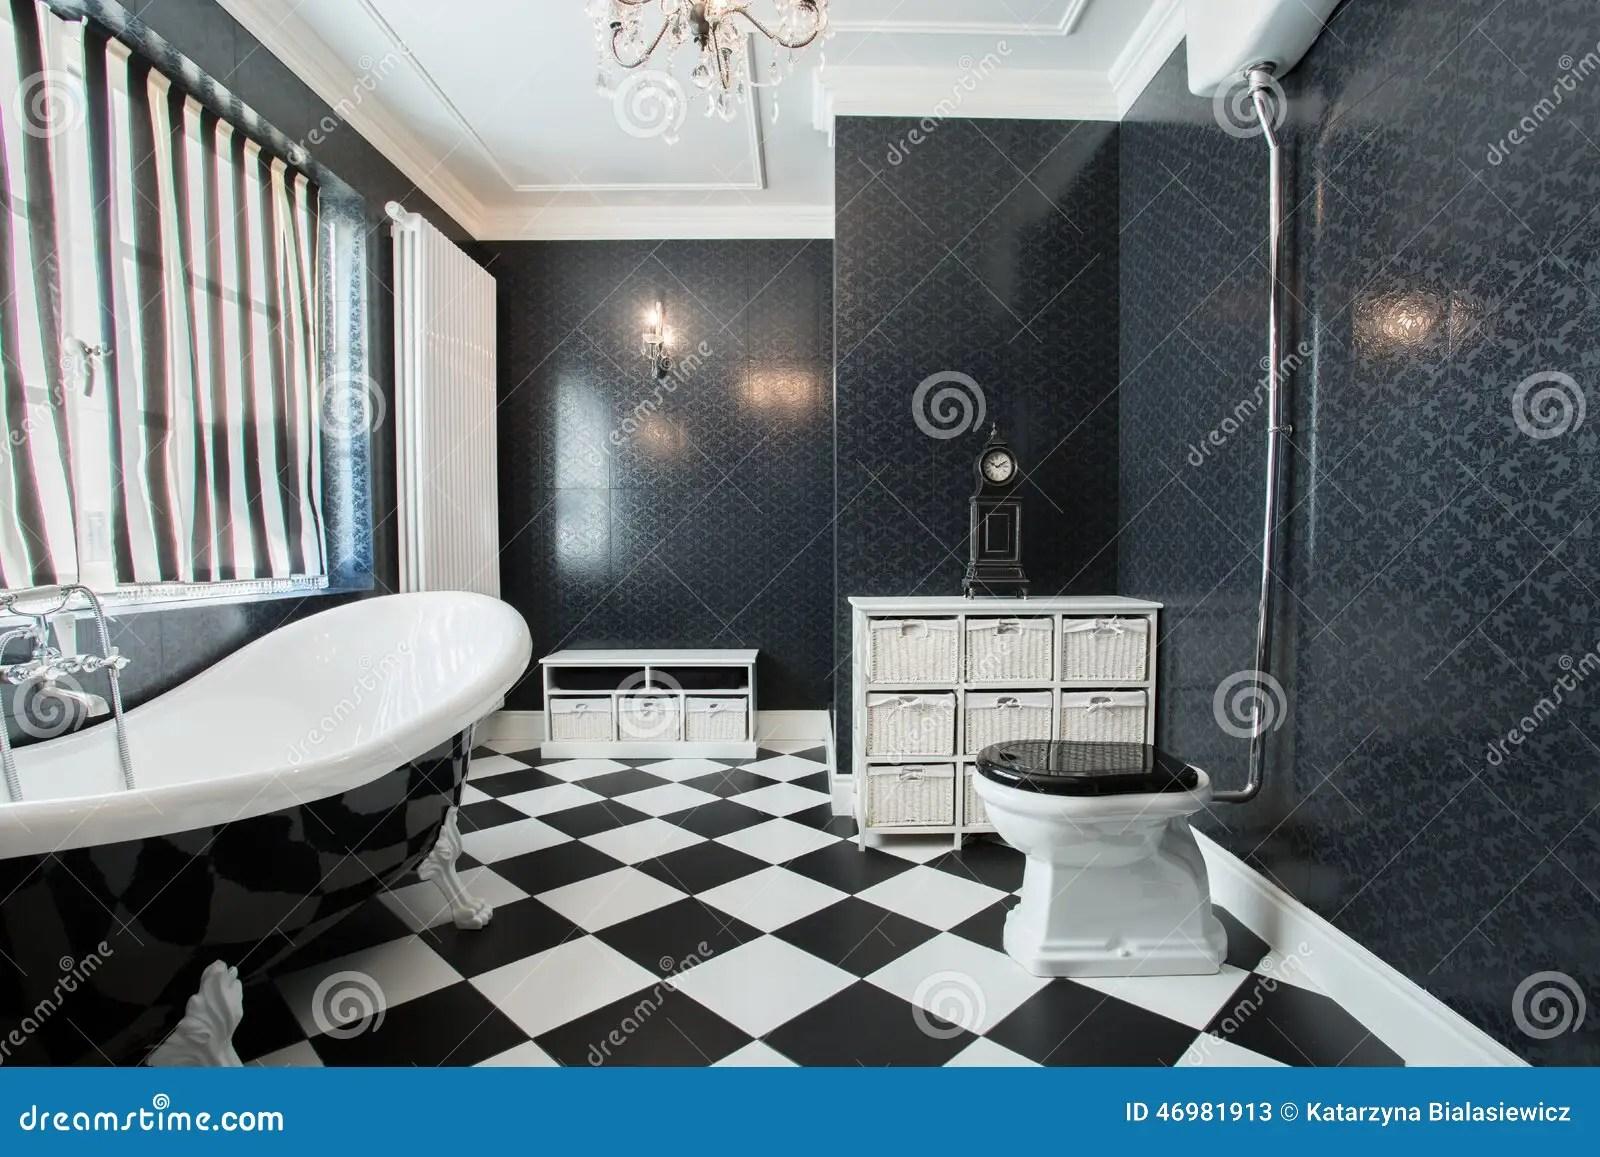 Bagno bianco e nero immagine stock Immagine di nuovo  46981913